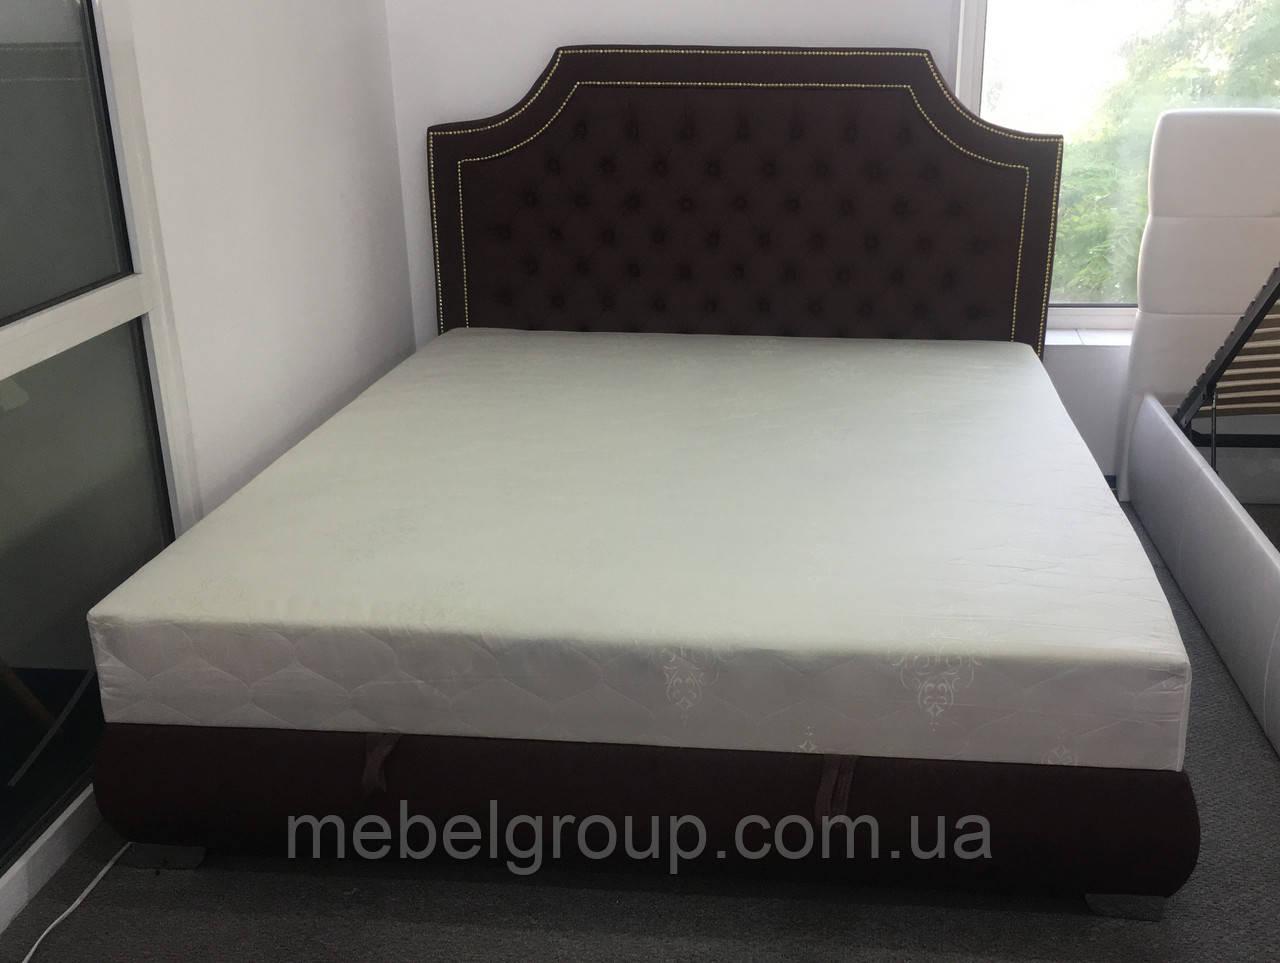 Кровать Адель 180*200 с матрасом